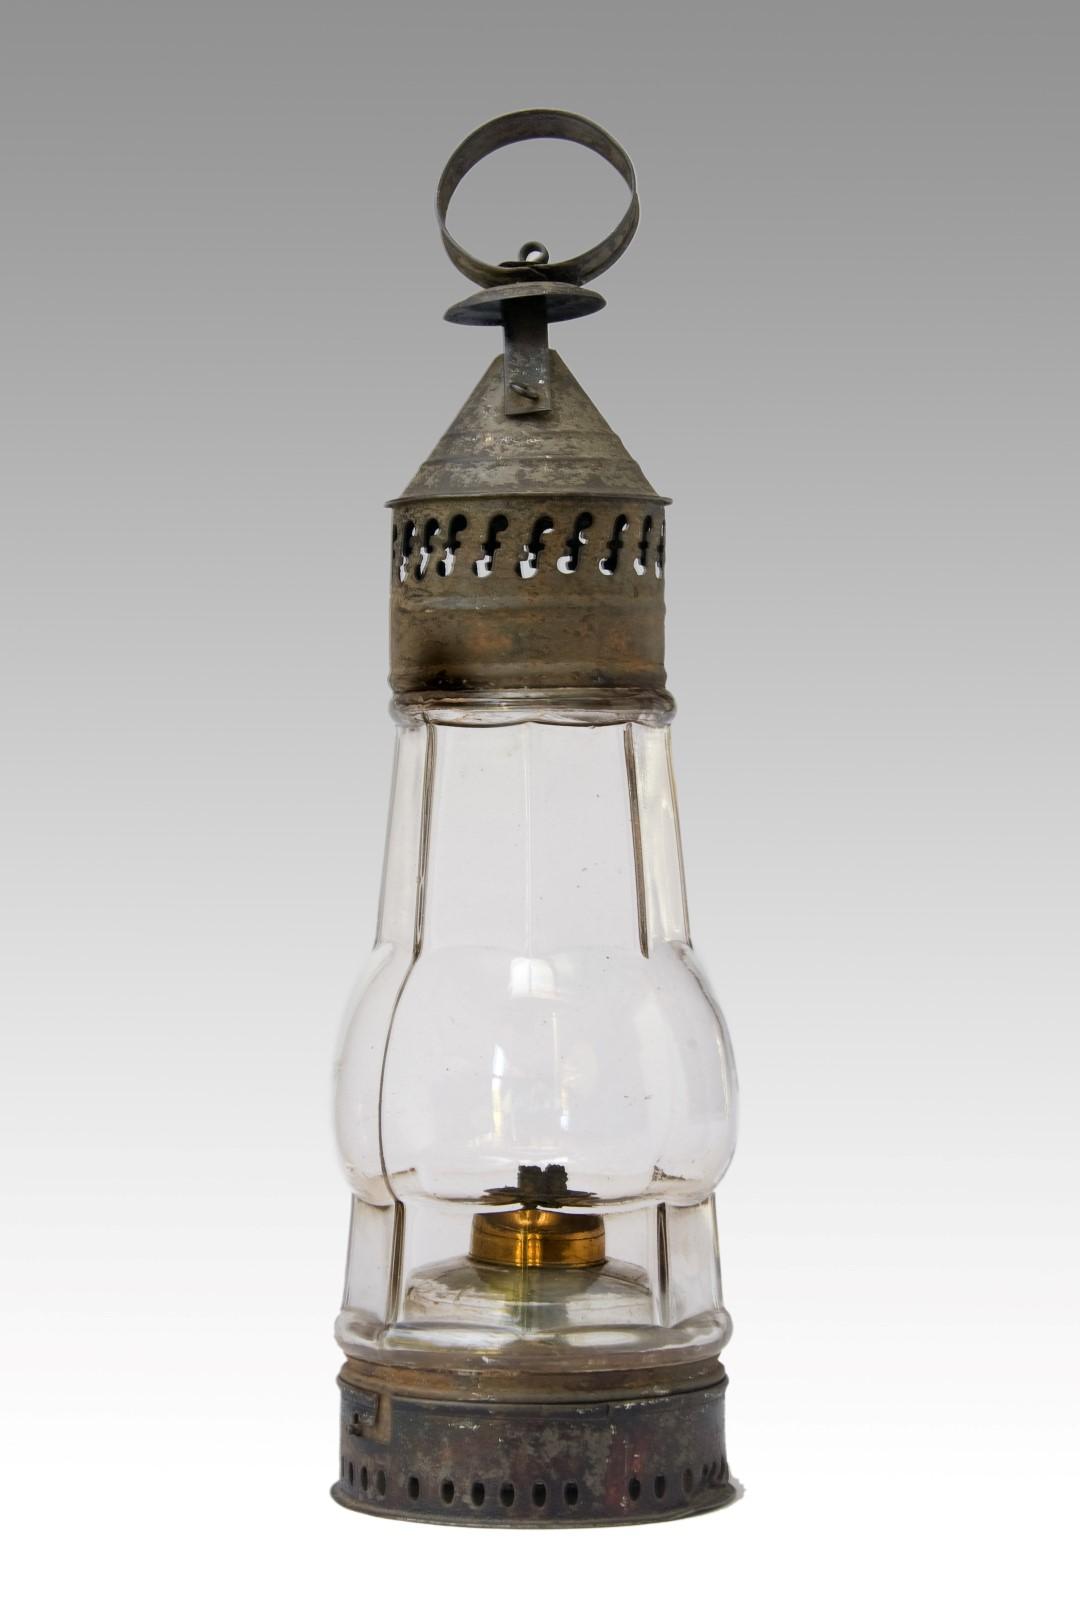 A Whale-Oil Lantern